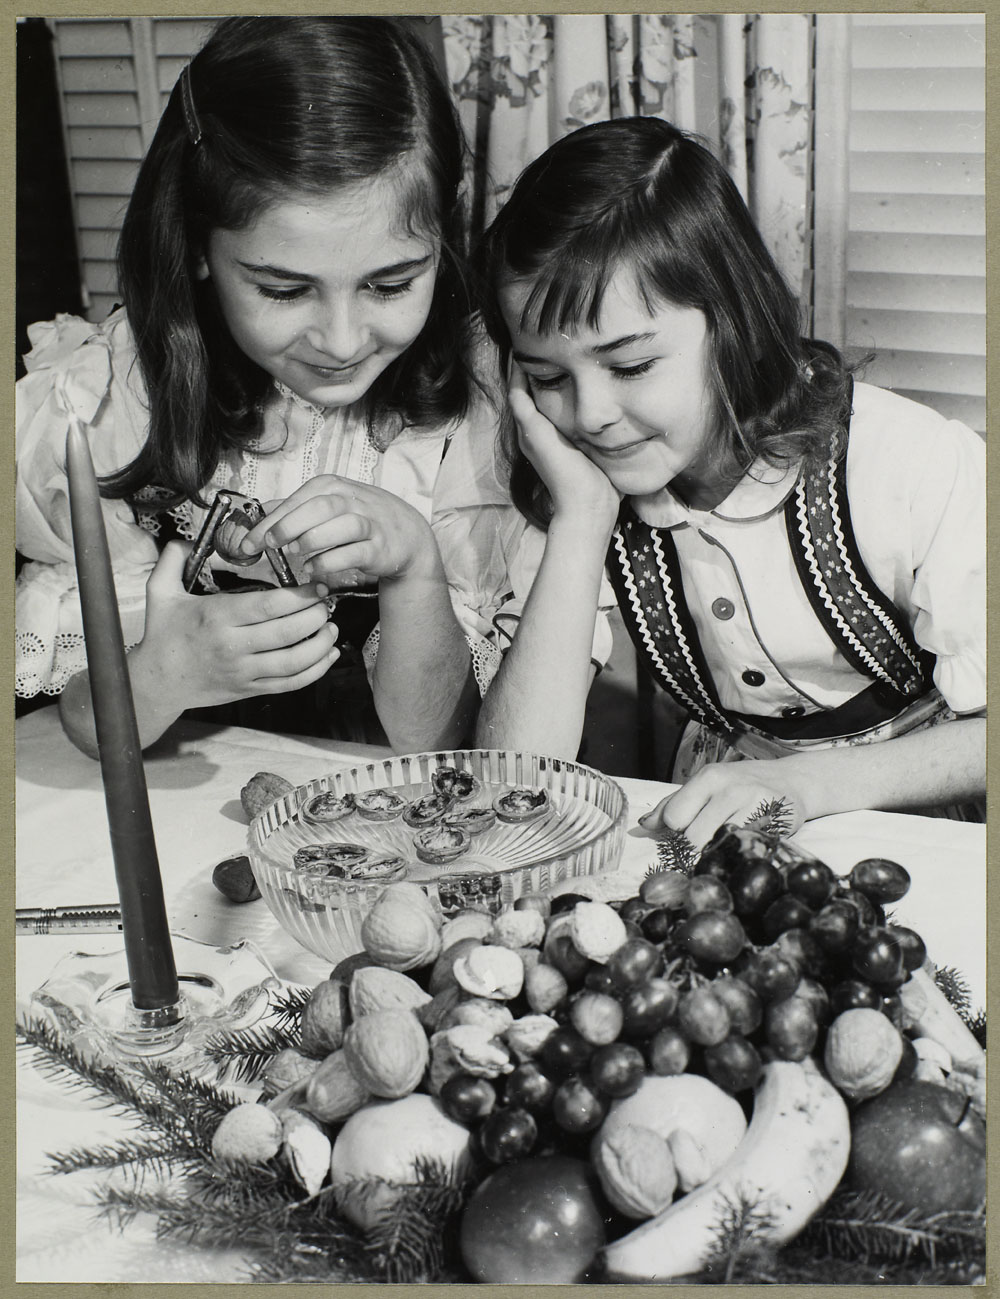 Deux jeunes filles tch\u00e8ques cassant des noix \u00e0 table (entre 1930-1960)